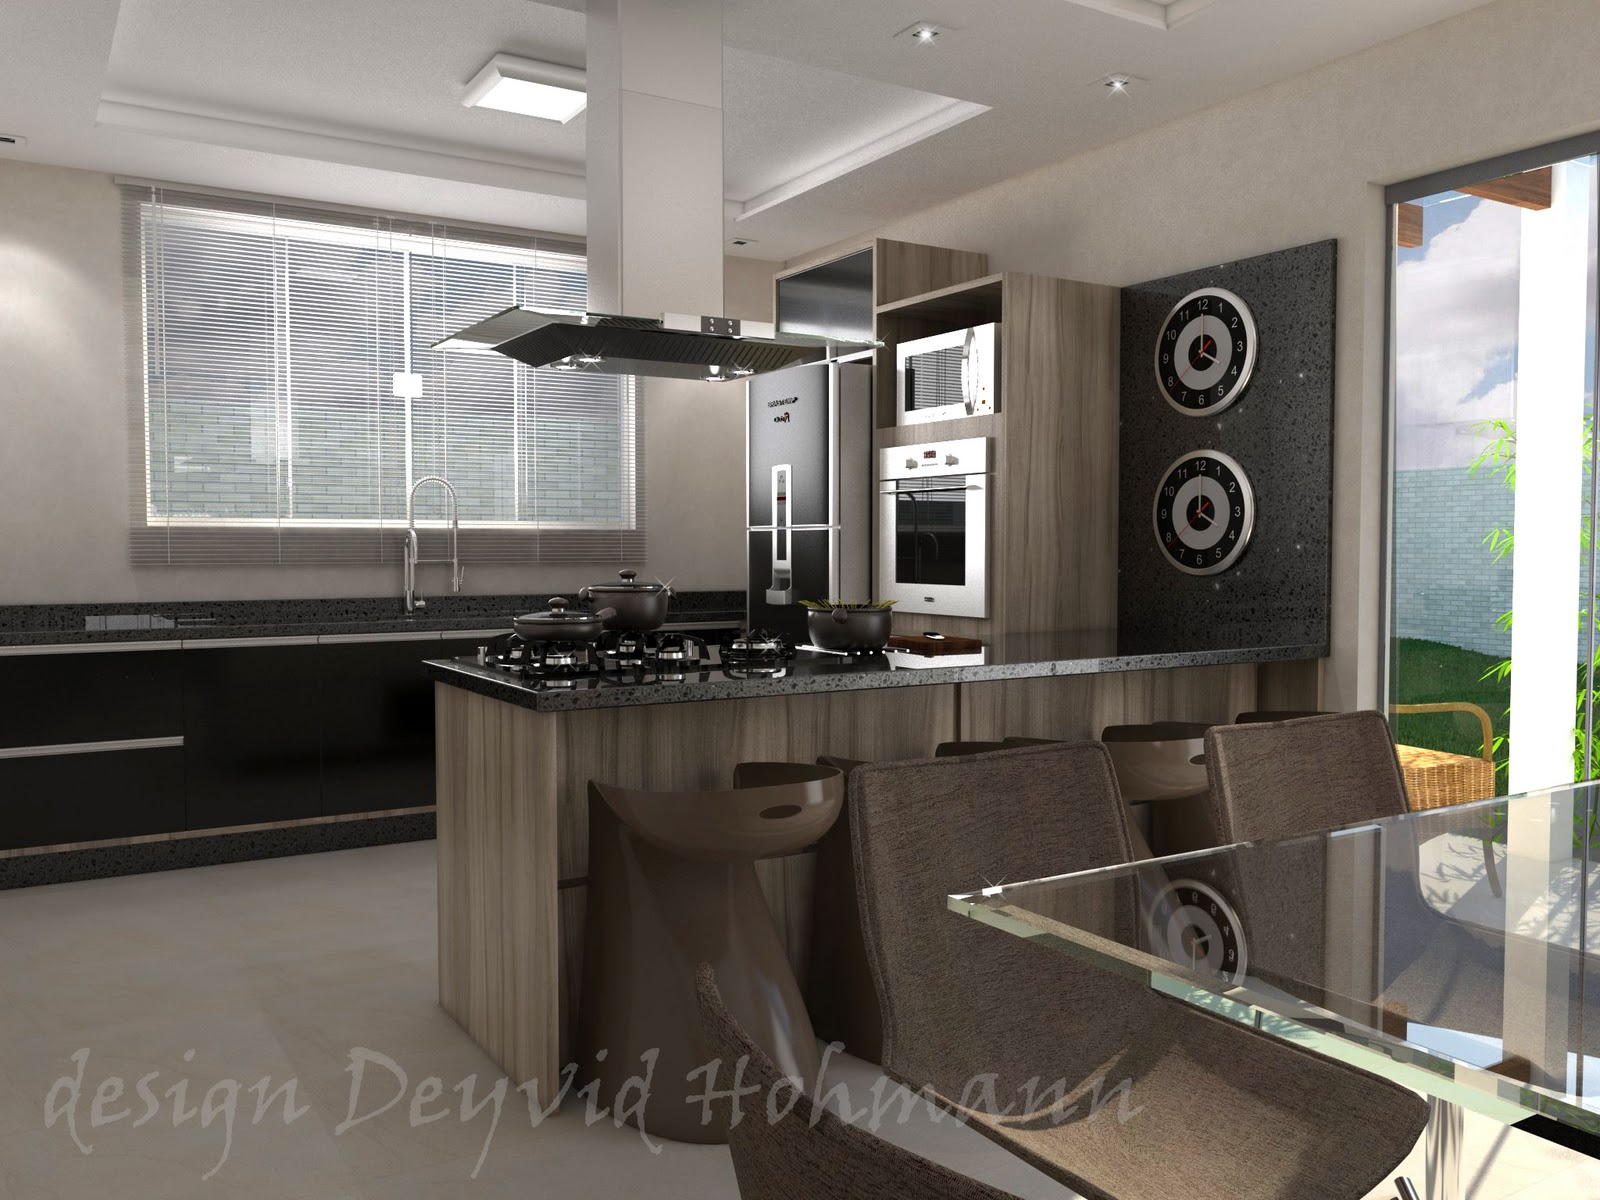 Salas E Cozinhas Conjugadas Pequenas Decorao Para Cadeiras Cozinha